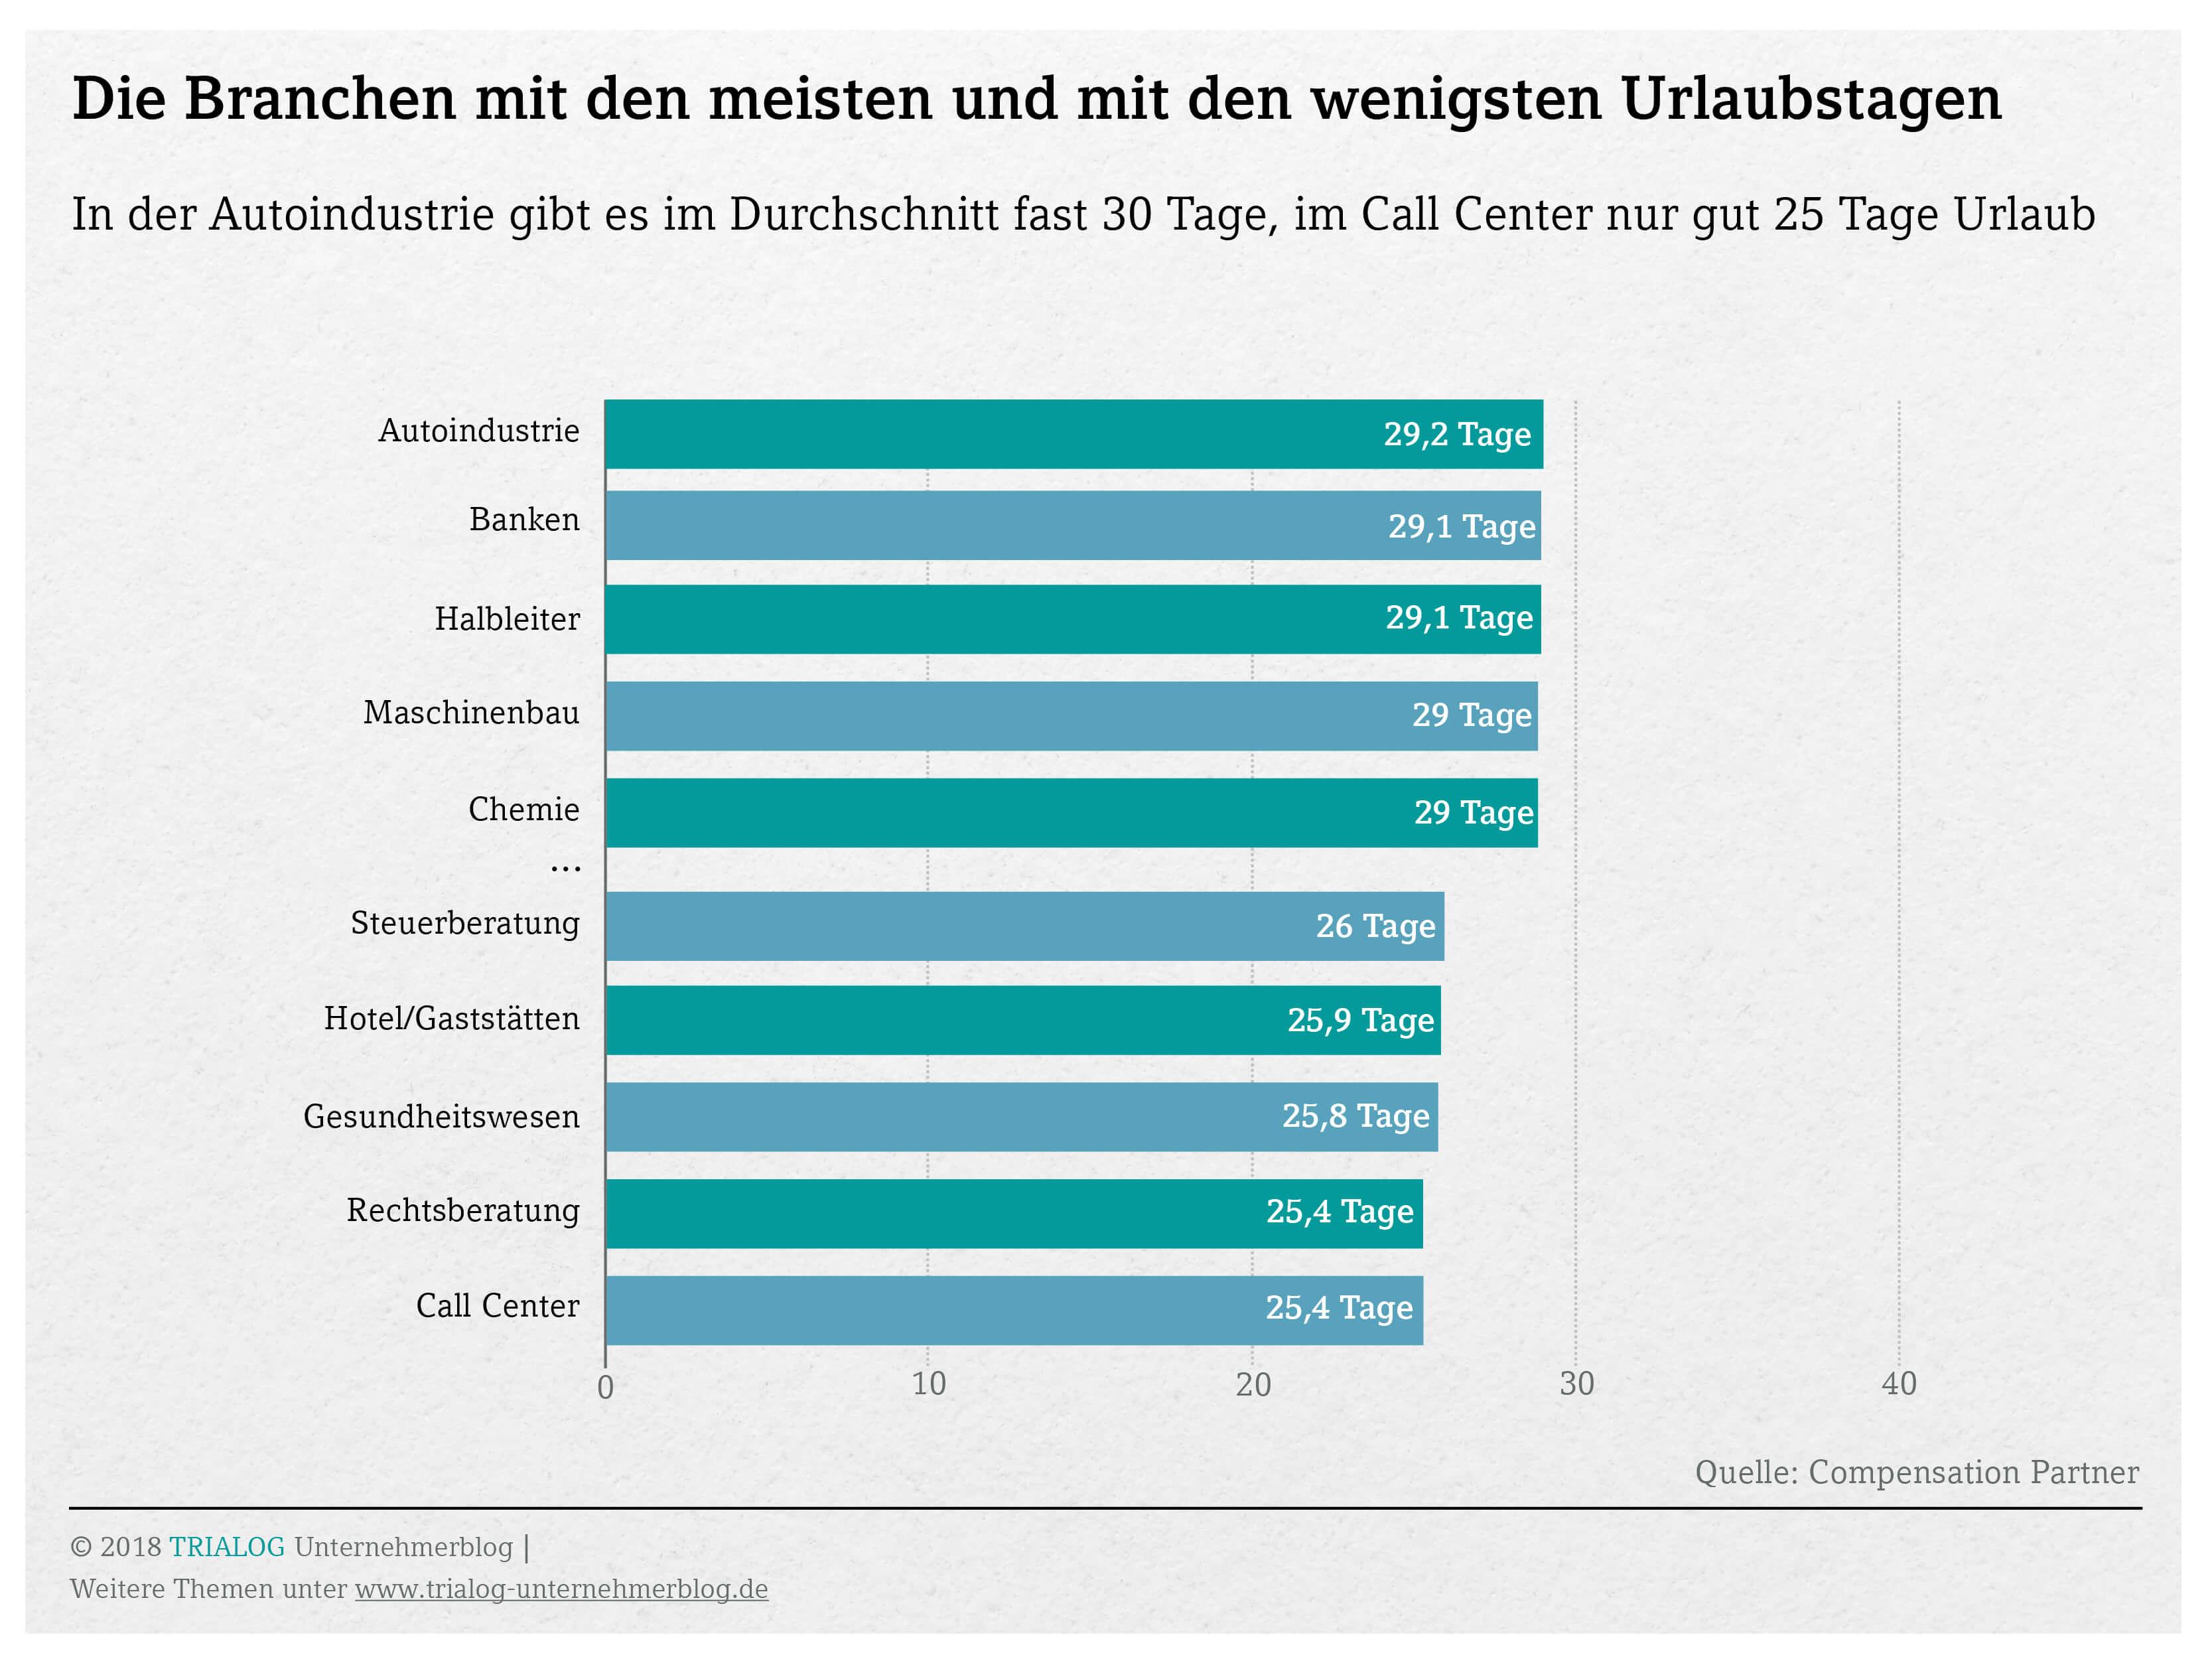 Grafik so viel Urlaubsanspruch besteht in unterschiedlichen Branchen im Durchschnitt